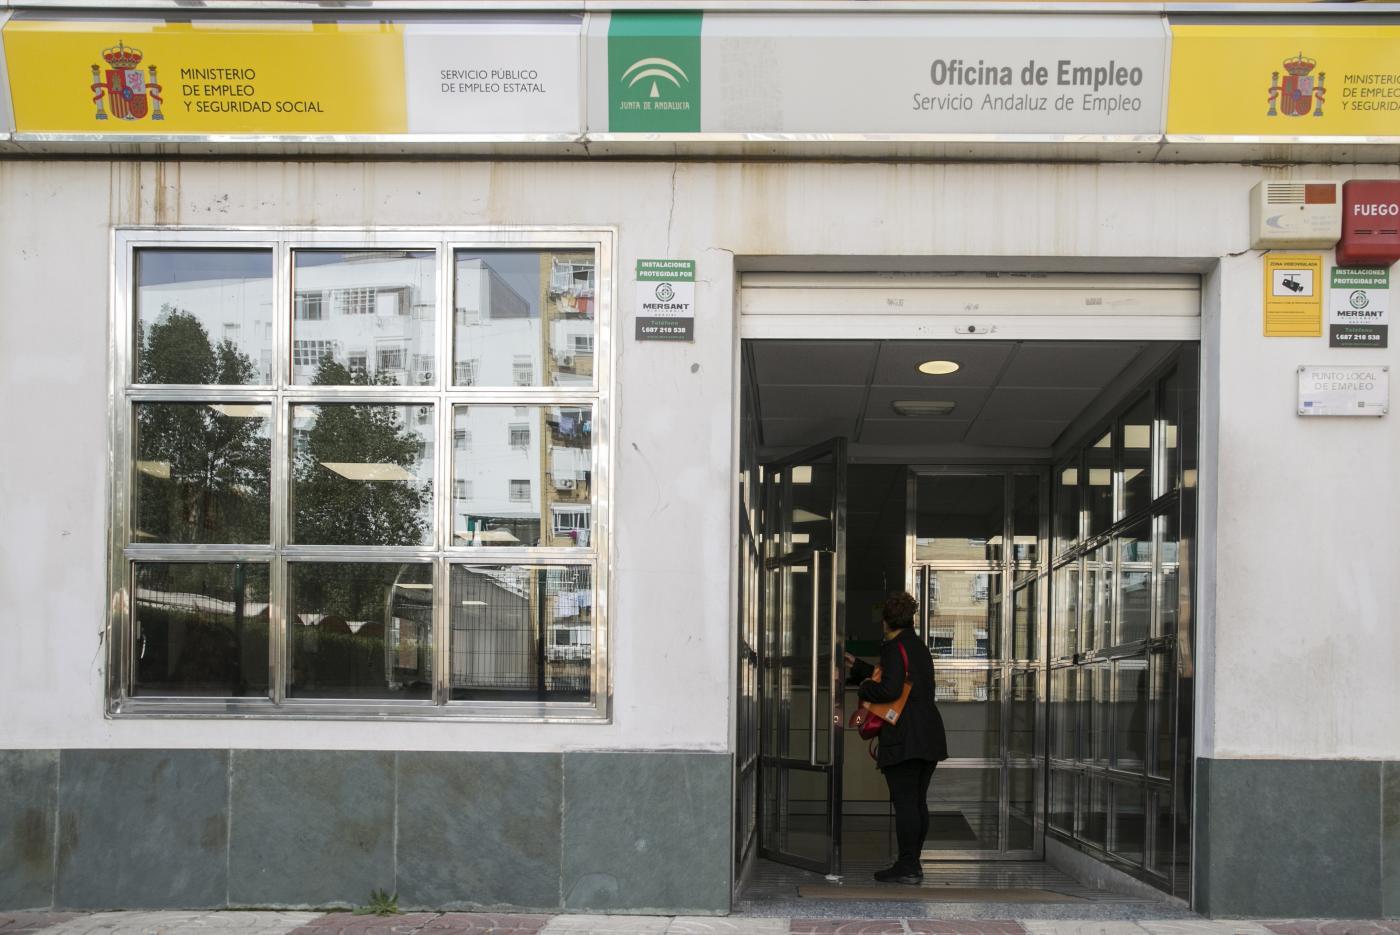 El paro continúa su descenso imparable en Sevilla